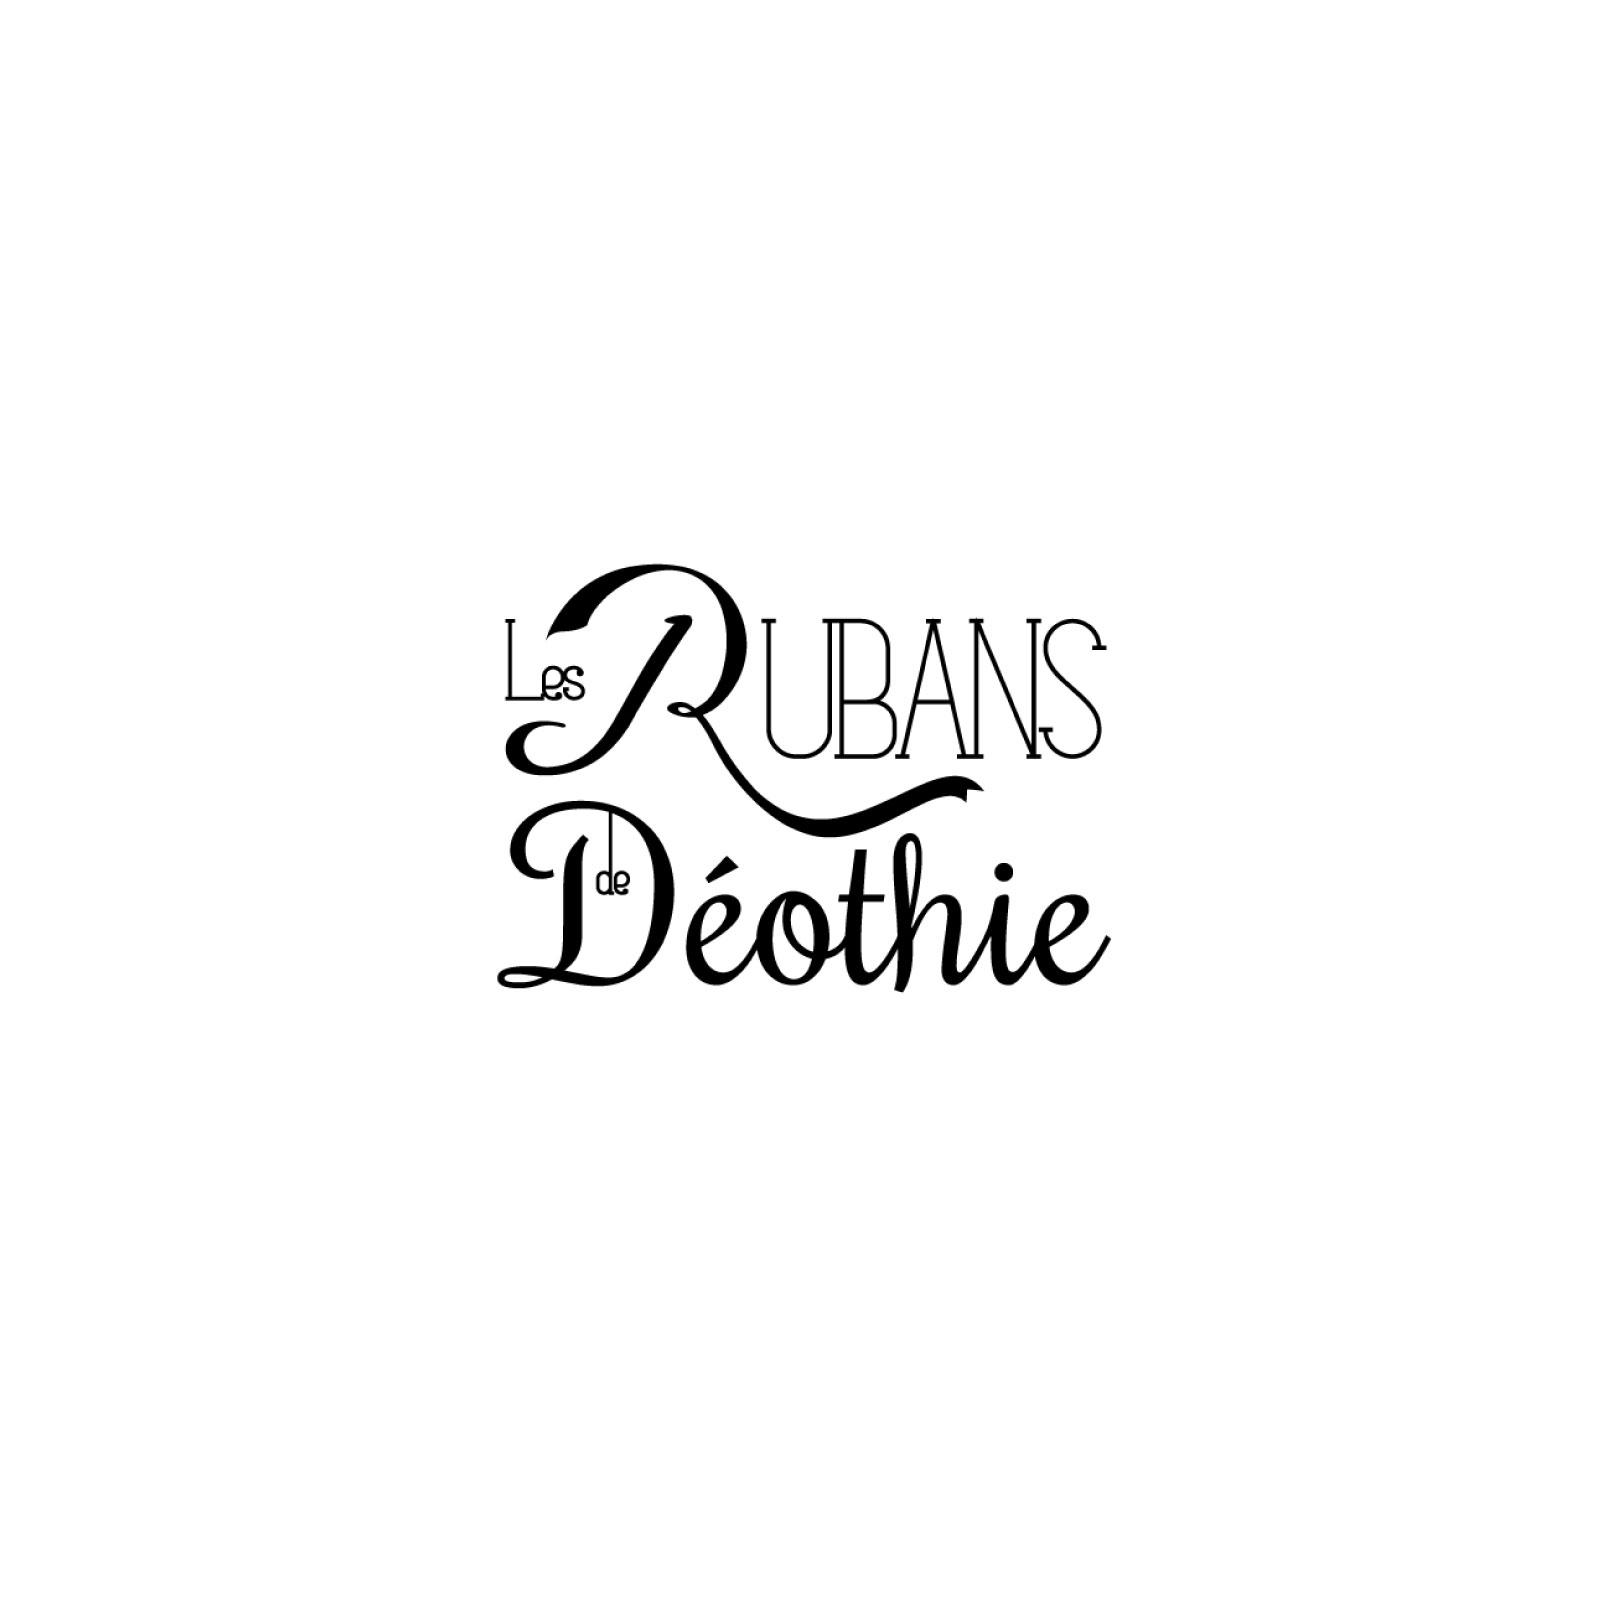 Les Rubans de Deothie